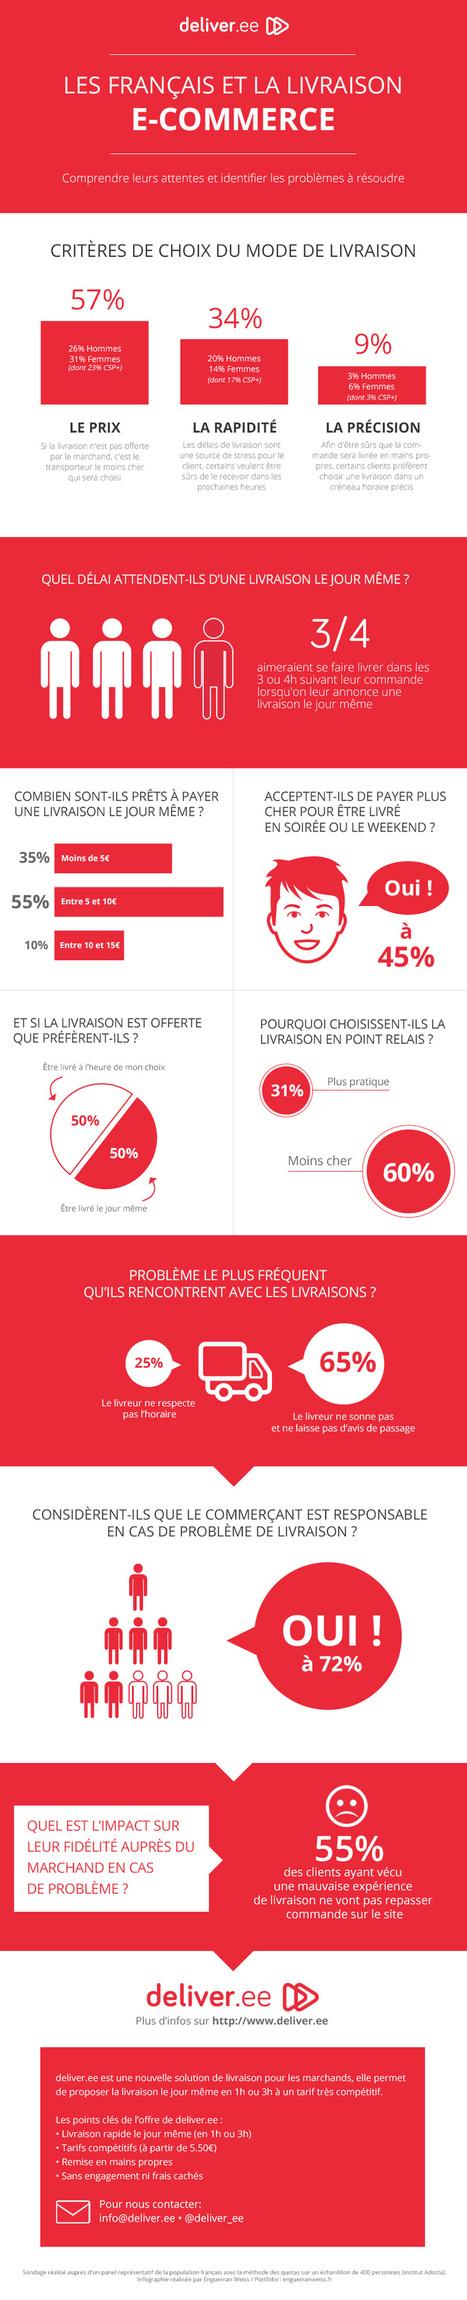 Les Français et la livraison E-commerce | News et tendances e.tourisme | Scoop.it